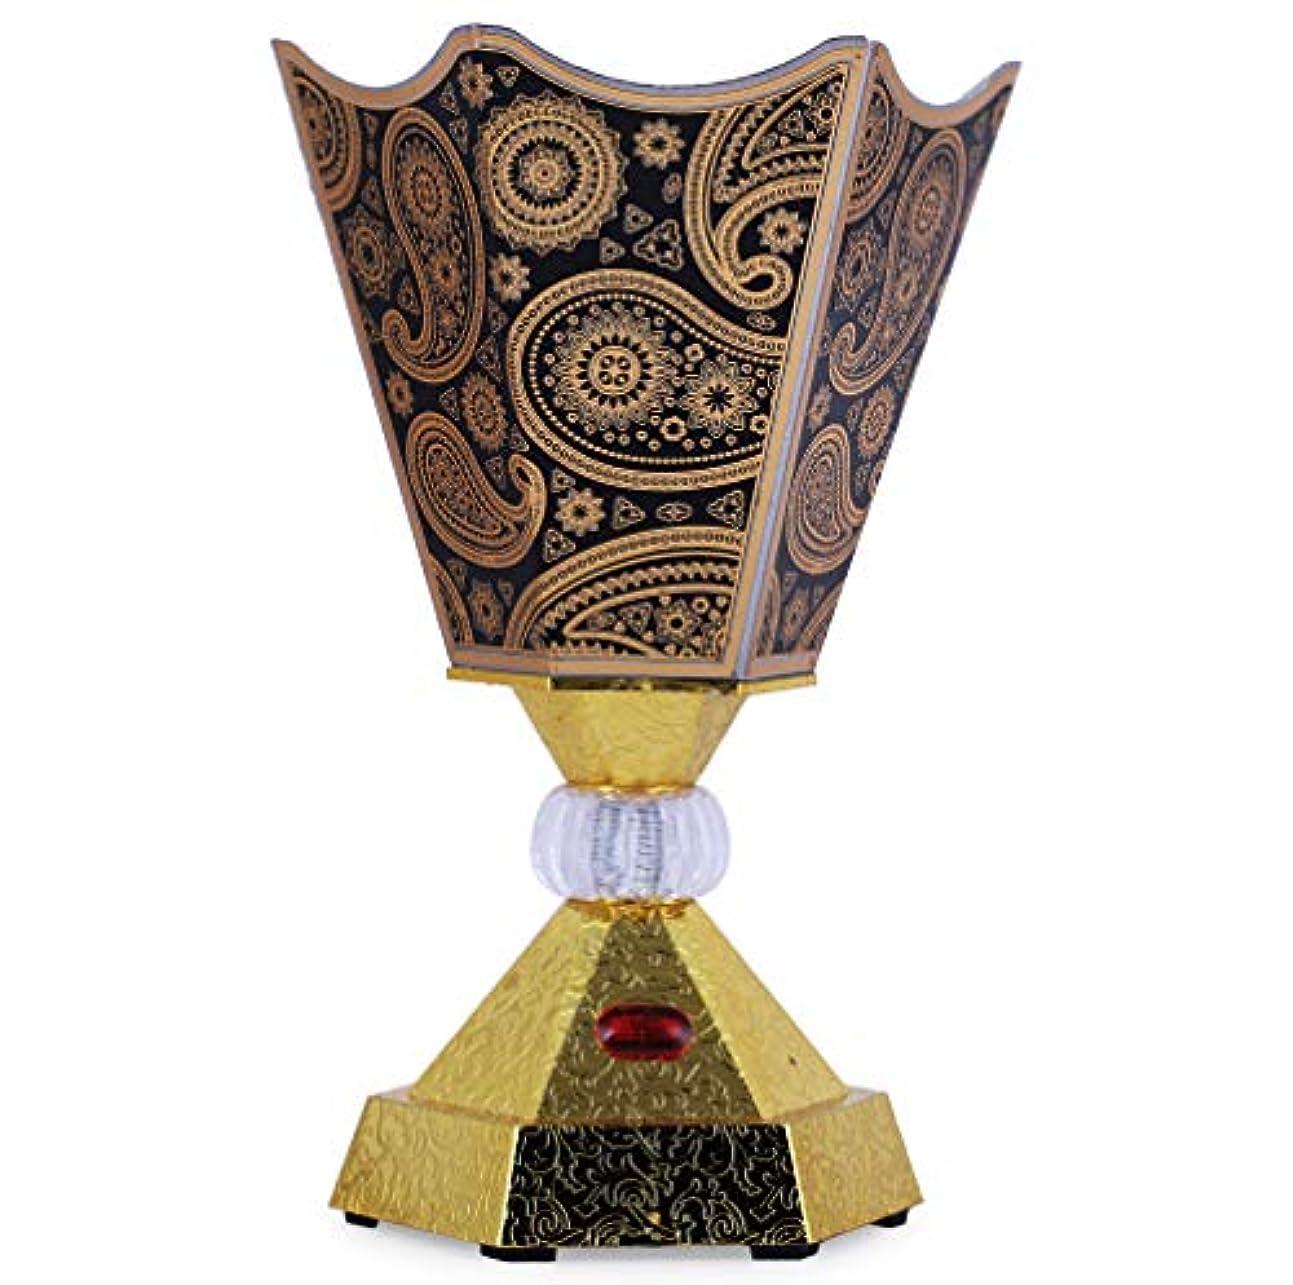 主ソースストライドVintage Style Incense Bakhoor/Oud Burner Frankincense Incense Holder Electric, Best for Gifting IB-31-Black